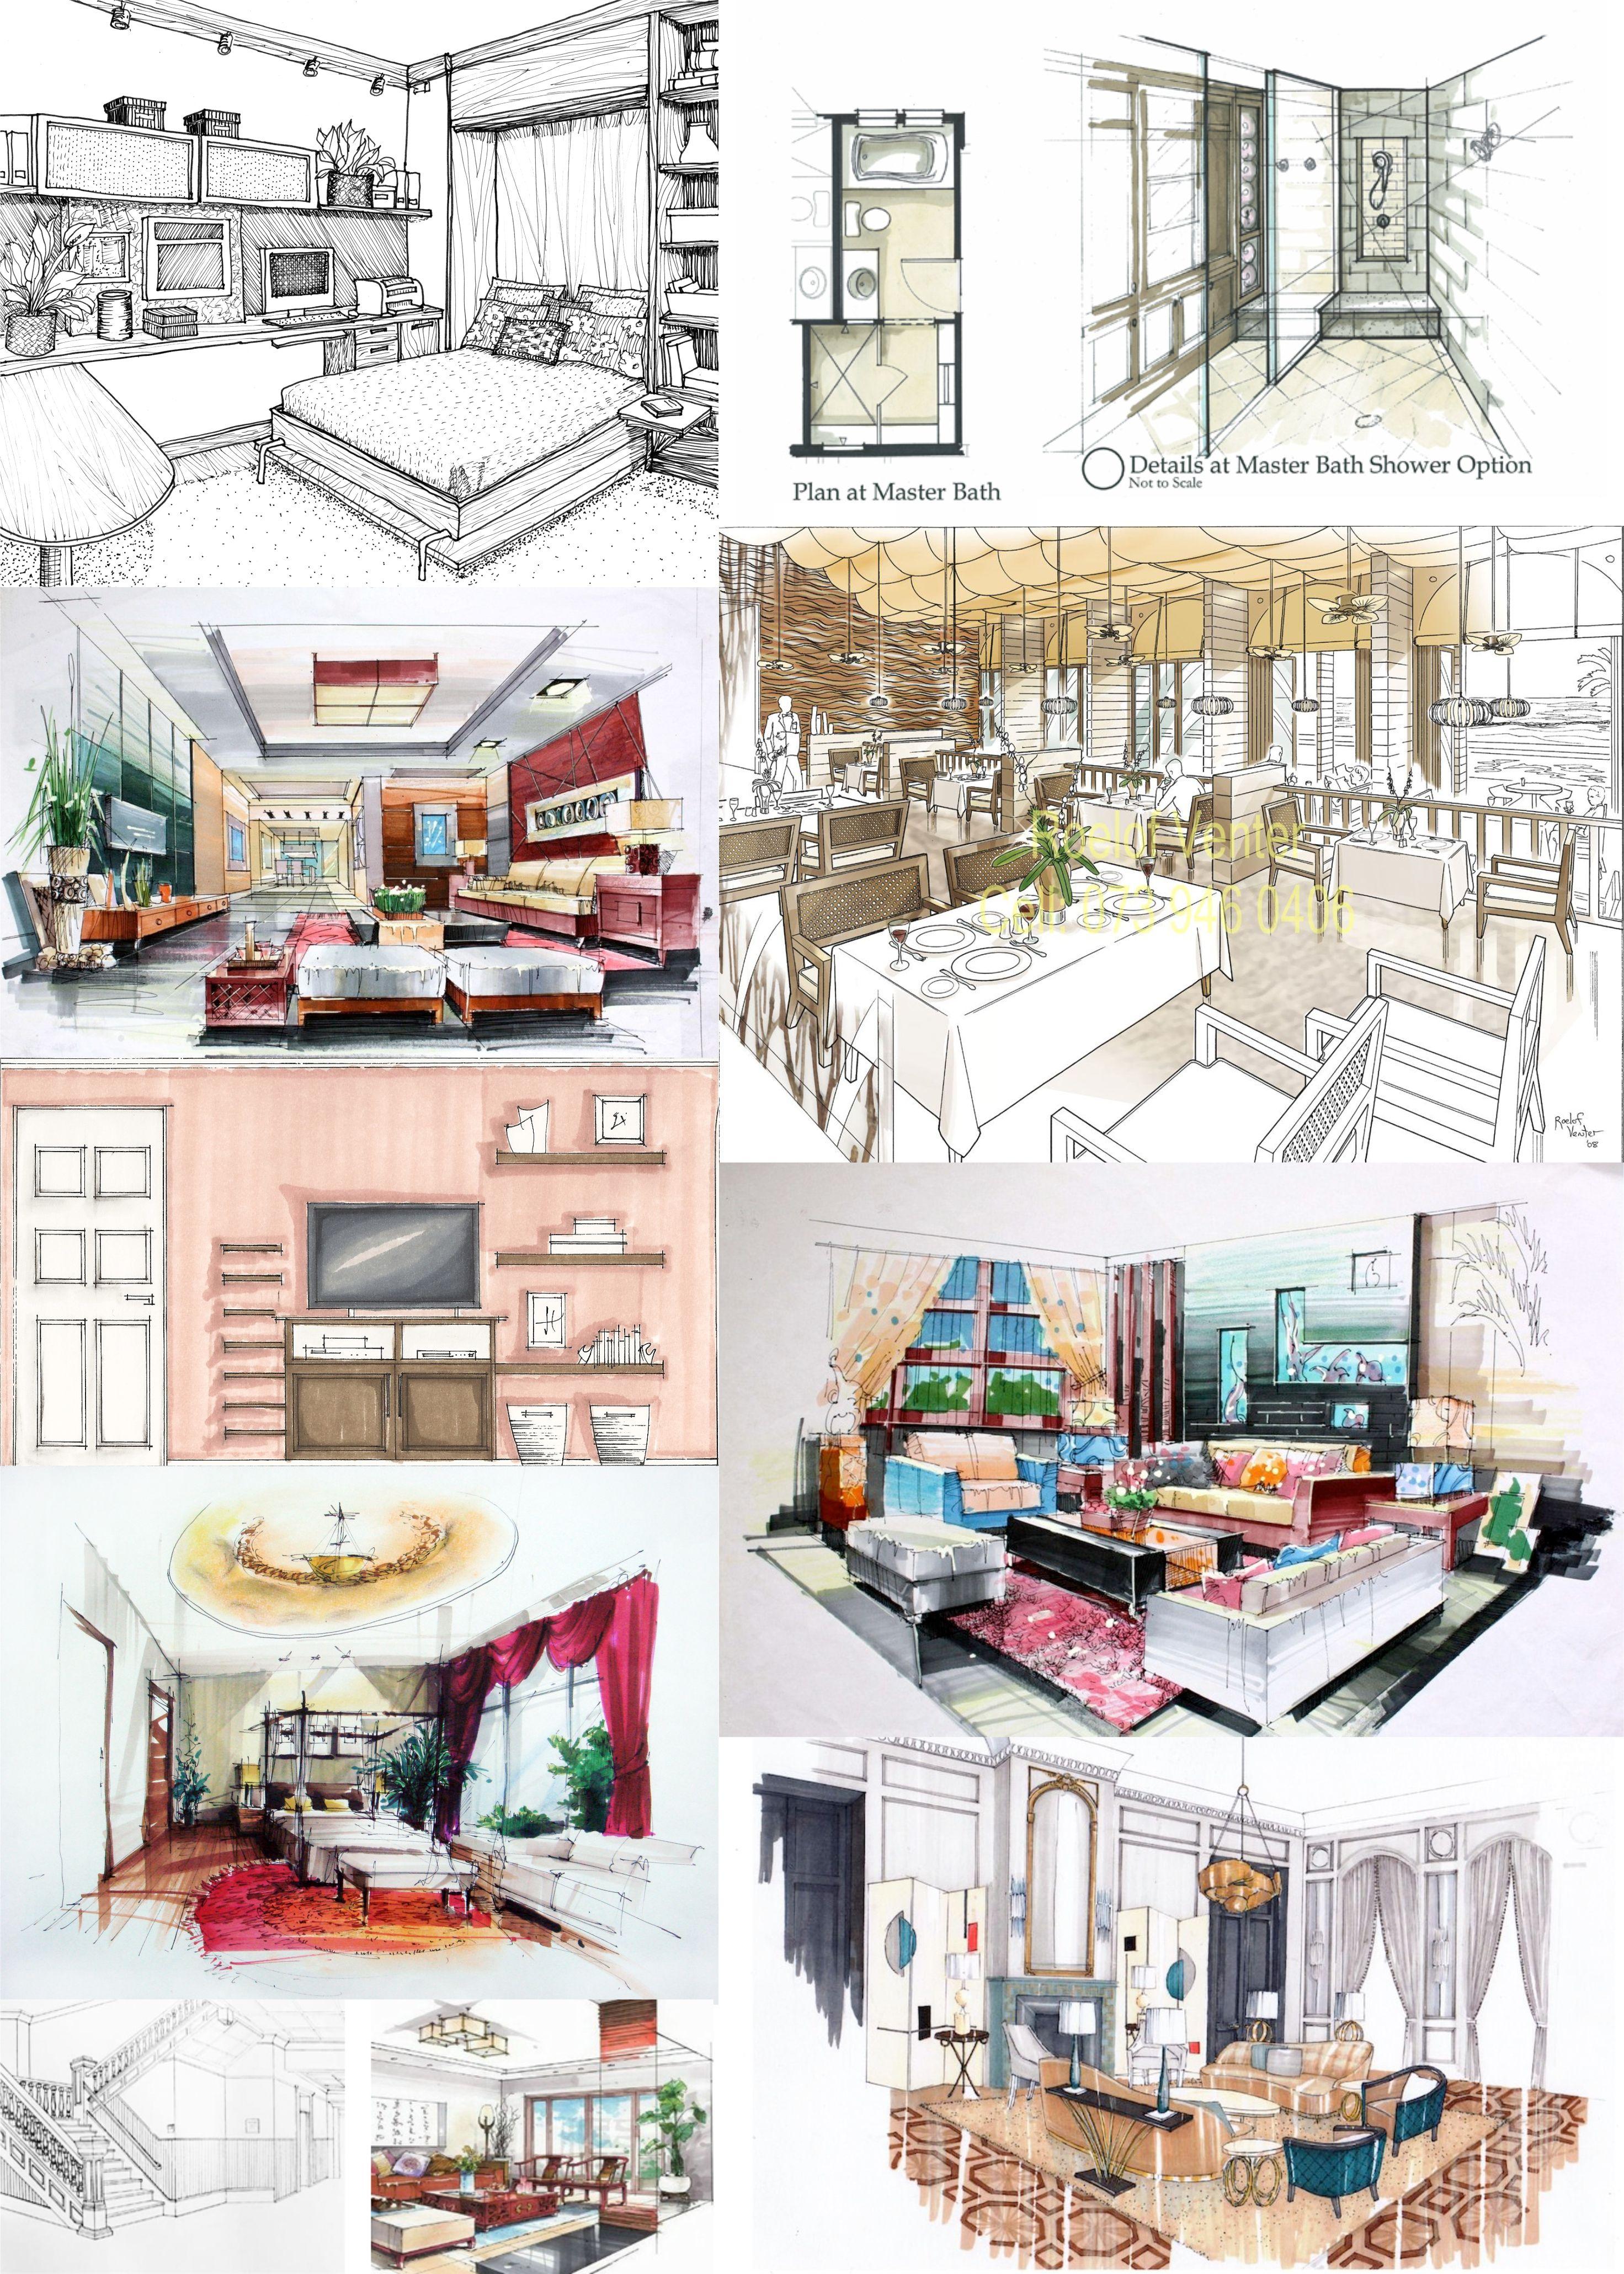 Pin de anthony patrick en dise o y arquitectura bocetos - Diseno y arquitectura de interiores ...